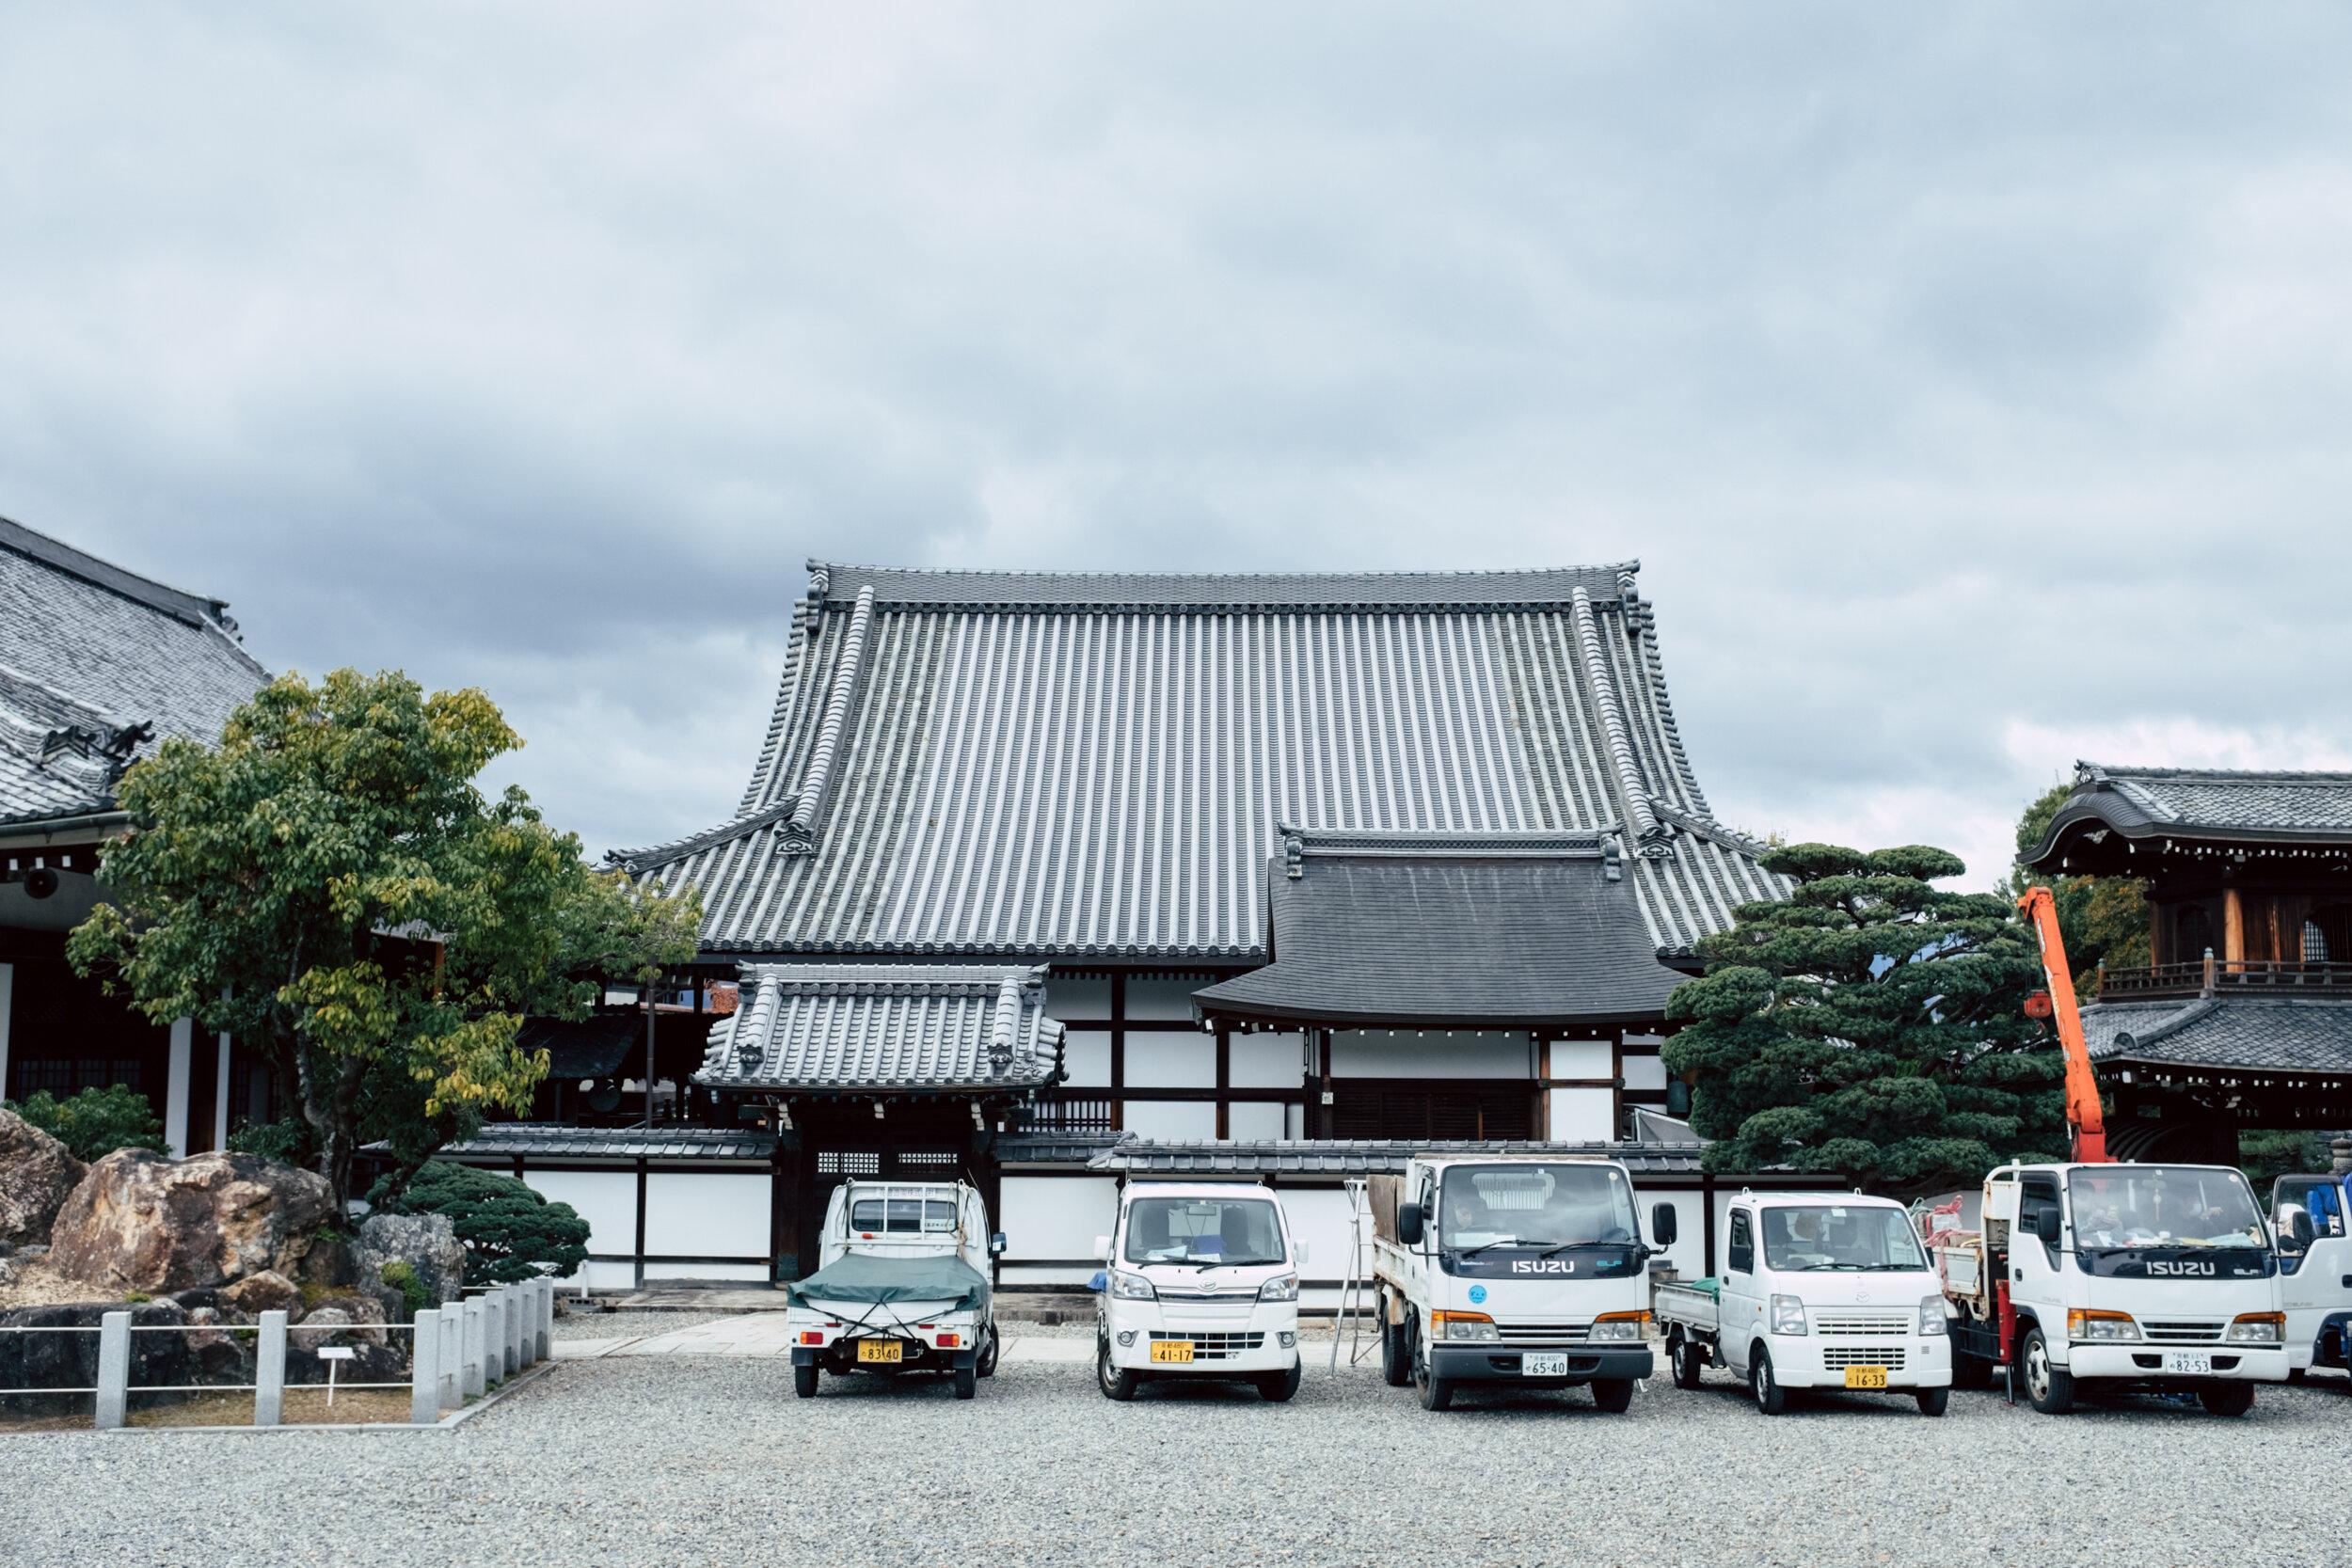 OLIVER_HOLMS_JAPAN_NOV_2018_DSCF3110.jpg